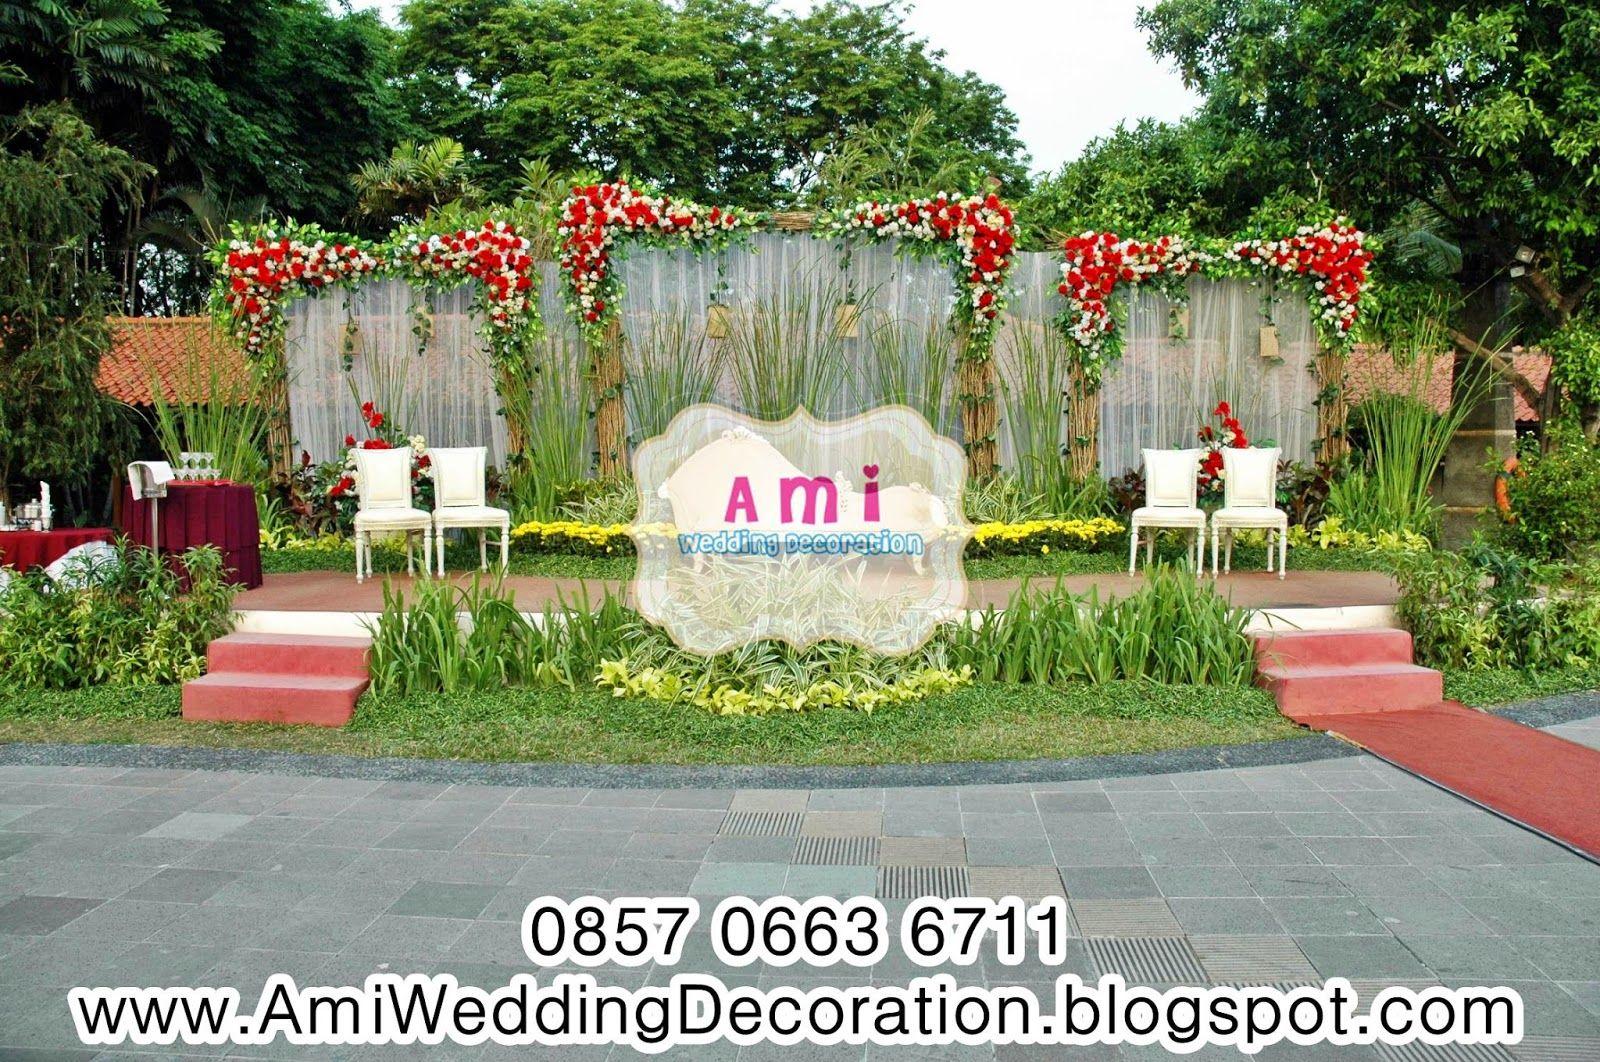 Amiweddingdecoration2cdekorasipernikahansurabayamurah amiweddingdecoration2cdekorasipernikahansurabayamurah junglespirit Images